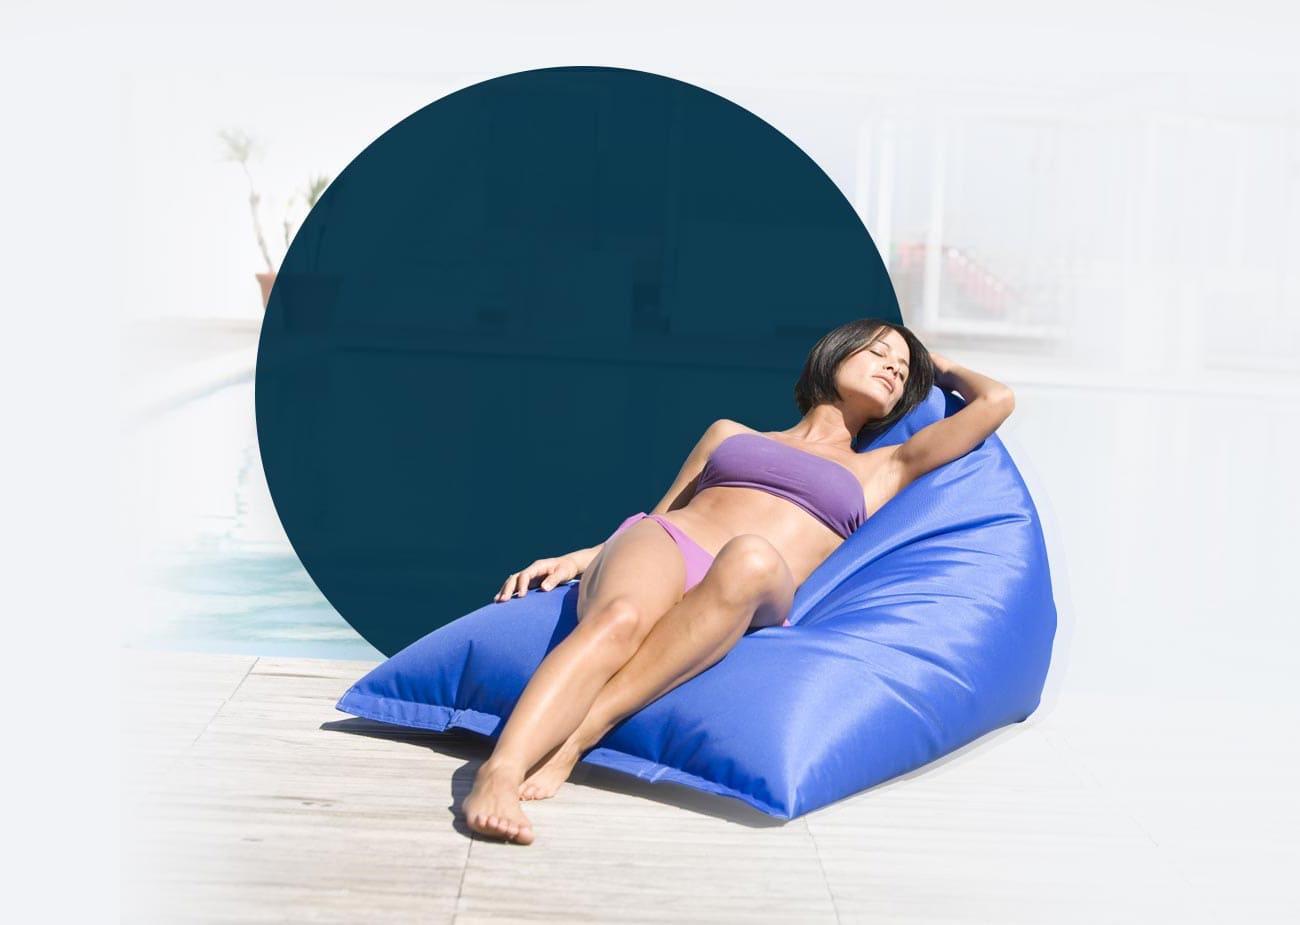 Pouf Giganti per un Relax a 360°